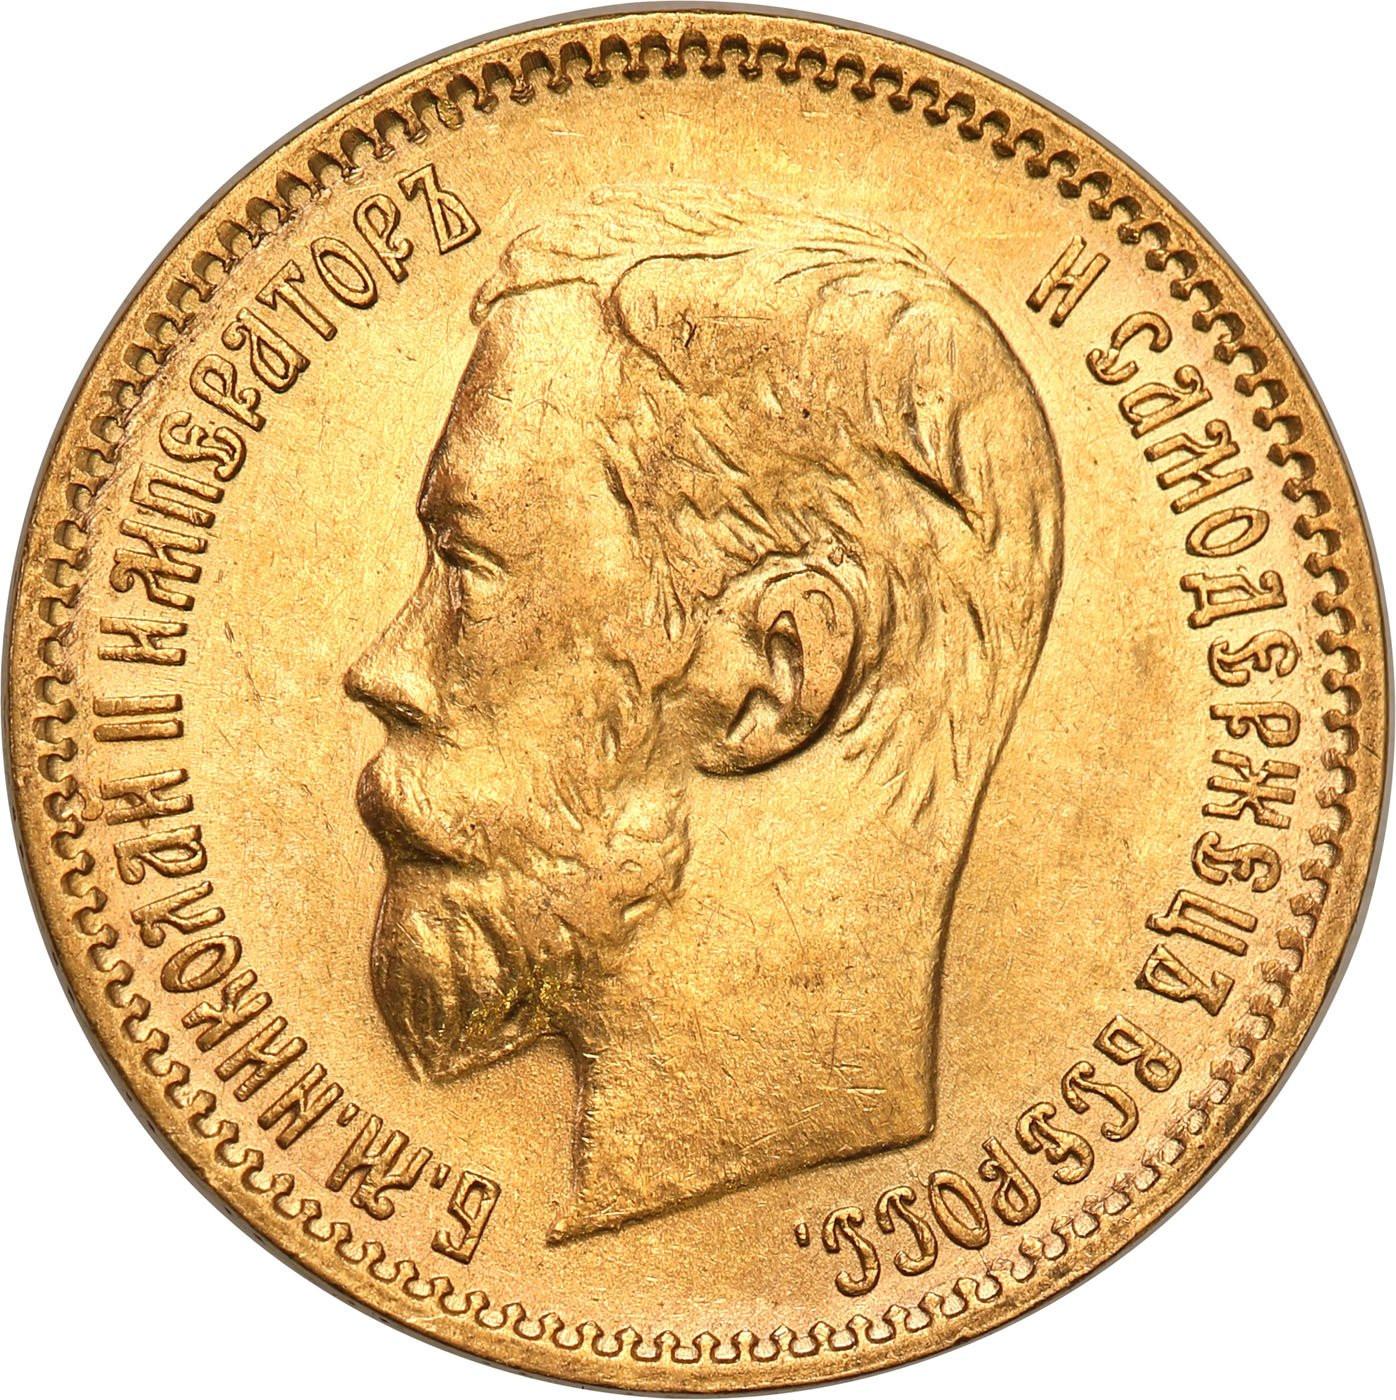 Rosja. Mikołaj II 5 rubli 1900 FZ, Petersburg st. 1